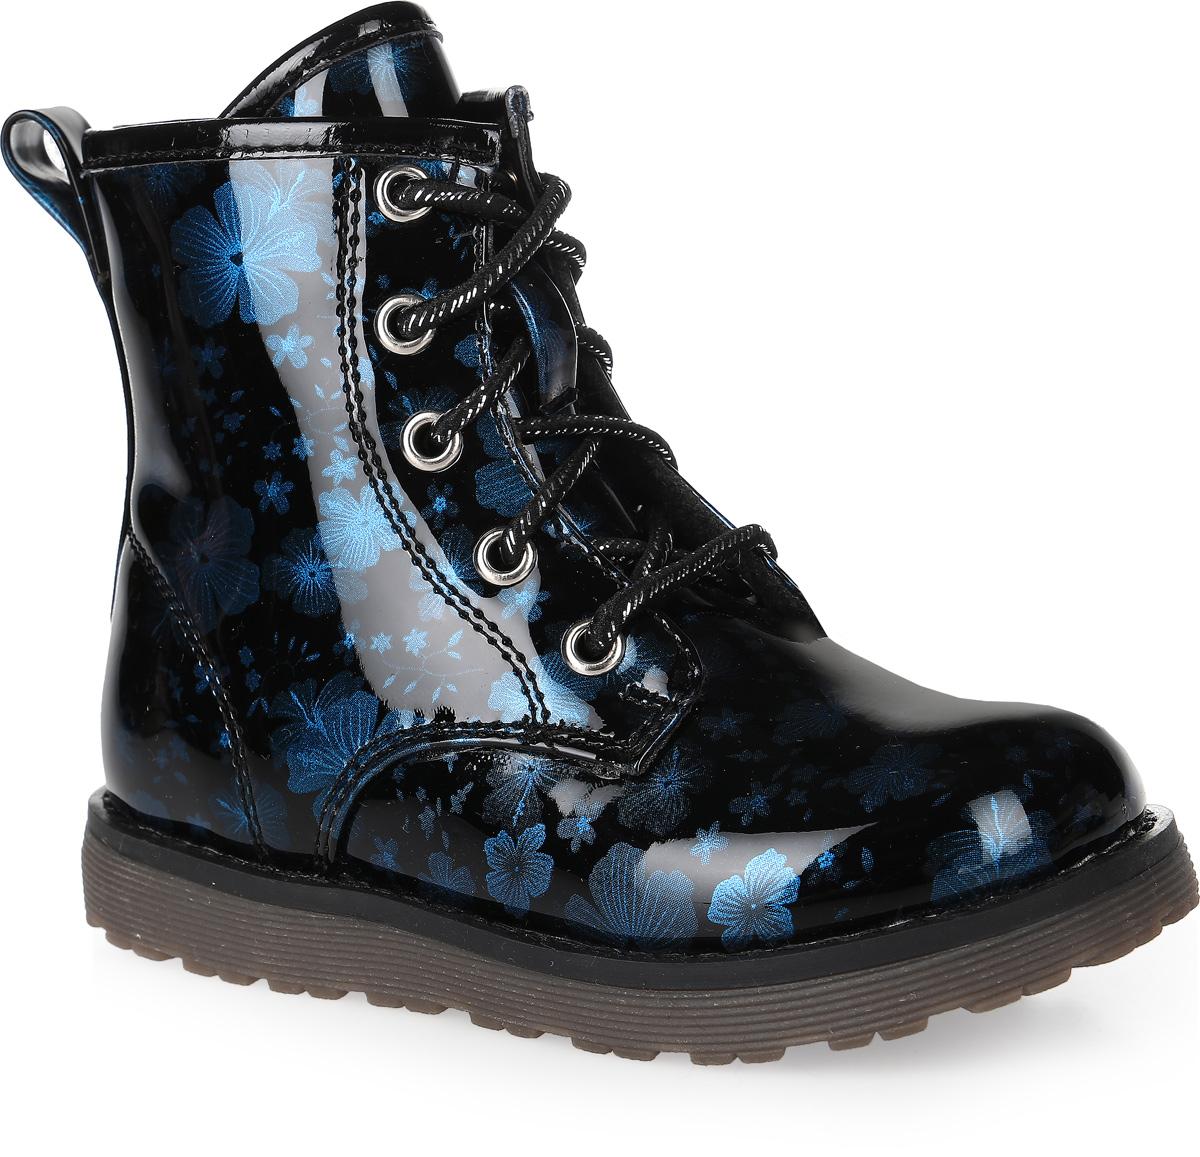 Ботинки для девочки MakFly, цвет: синий, черный. 06-126-555. Размер 2606-126-555Стильные ботинки от MakFly покорят вашу девочку с первого взгляда. Модель выполнена из искусственной лакированной кожи и оформлена цветочным принтом. Боковая застежка-молния позволяет легко снимать и надевать модель. Шнуровка надежно зафиксирует модель на ноге.Подкладка и стелька из байки комфортны при движении. Подошва дополнена рифлением.